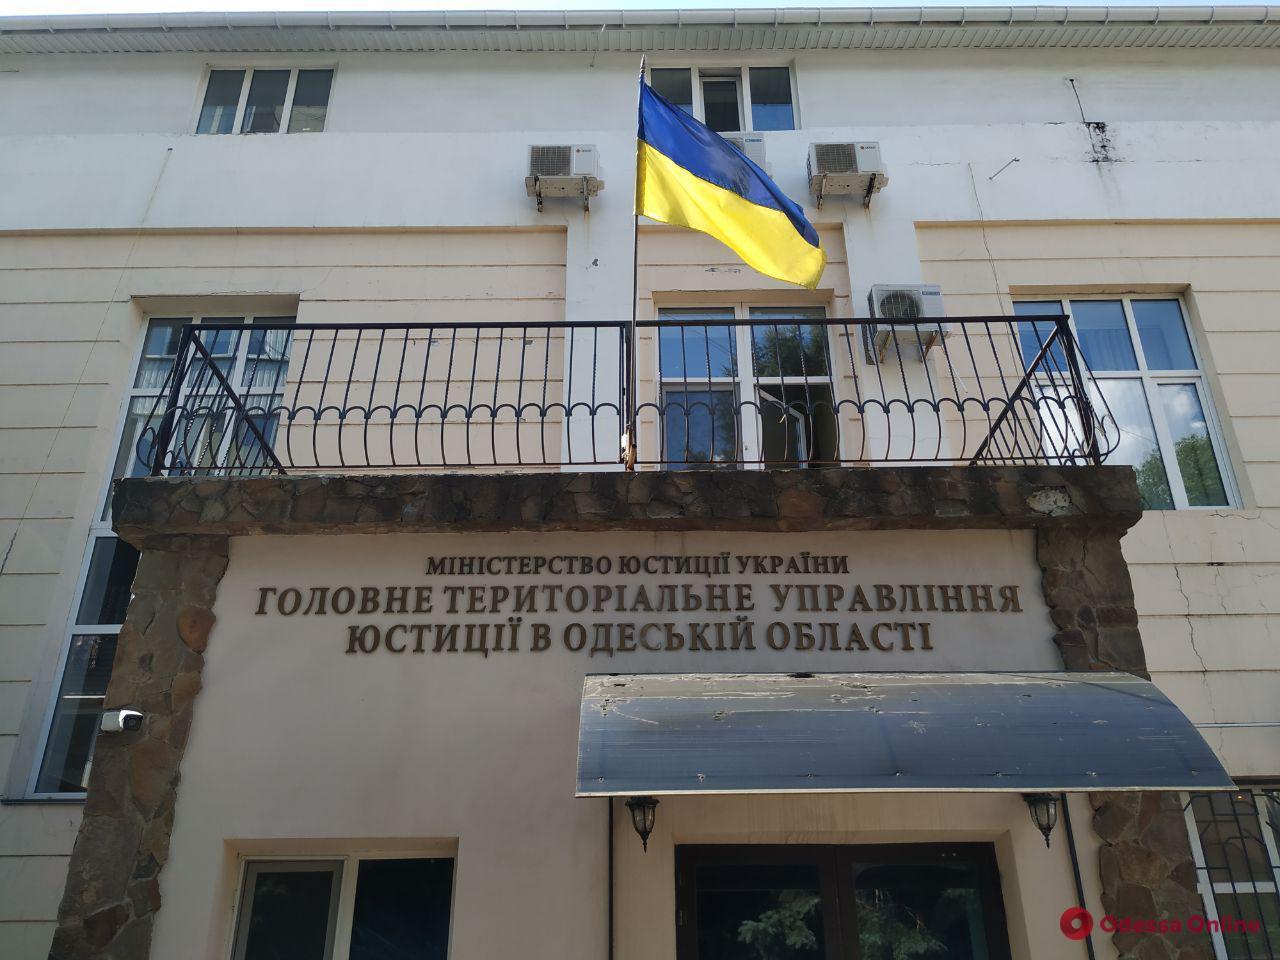 Одесса: в Главном терруправлении юстиции проводят обыски